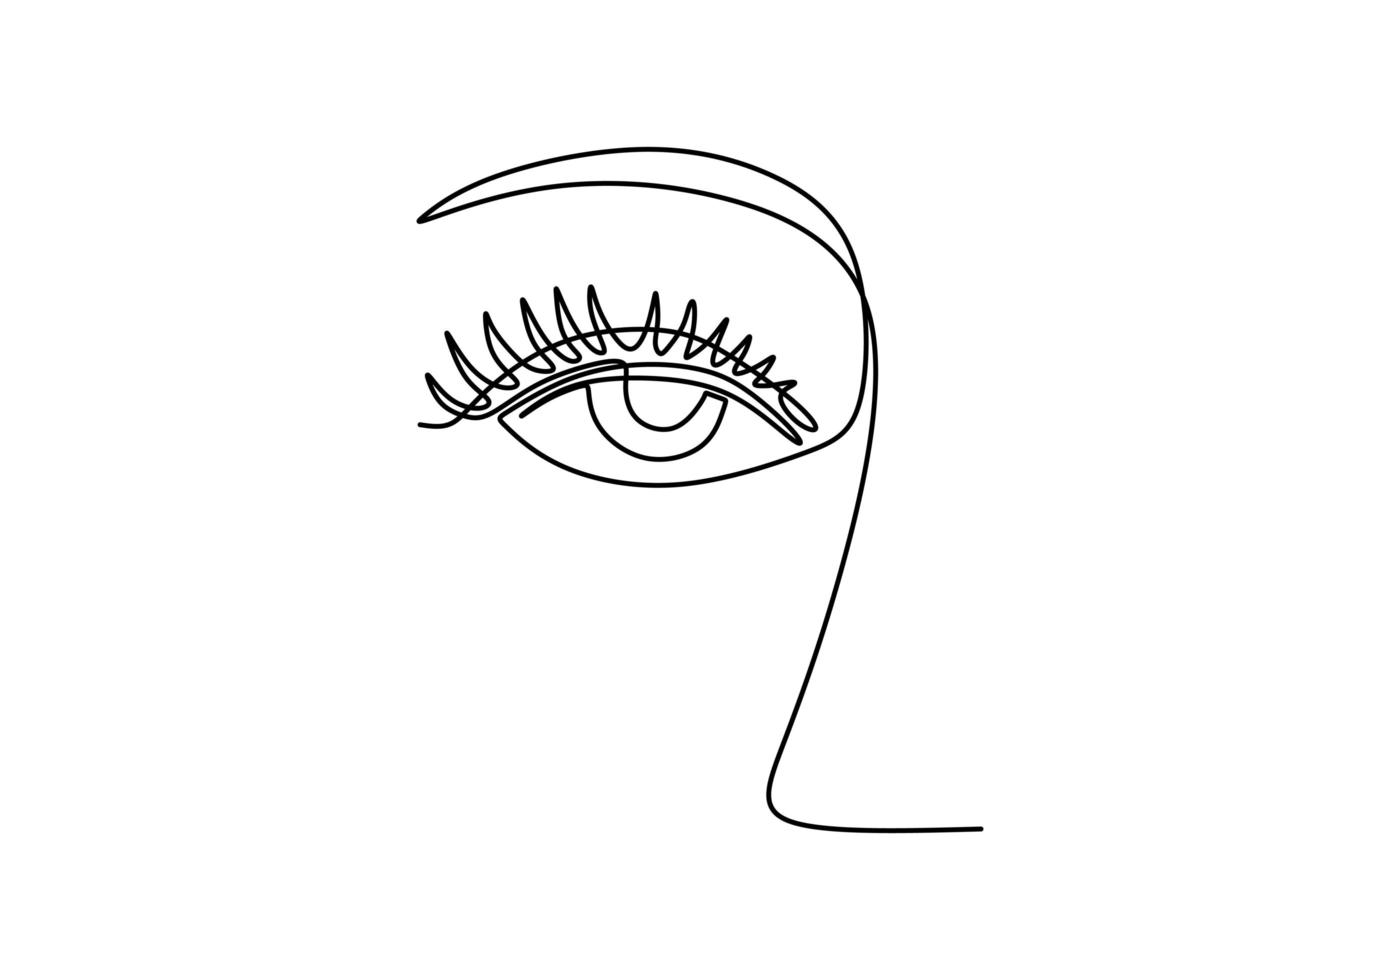 um desenho de linha contínua de esboço linear minimalista de olho de mulher. vetor